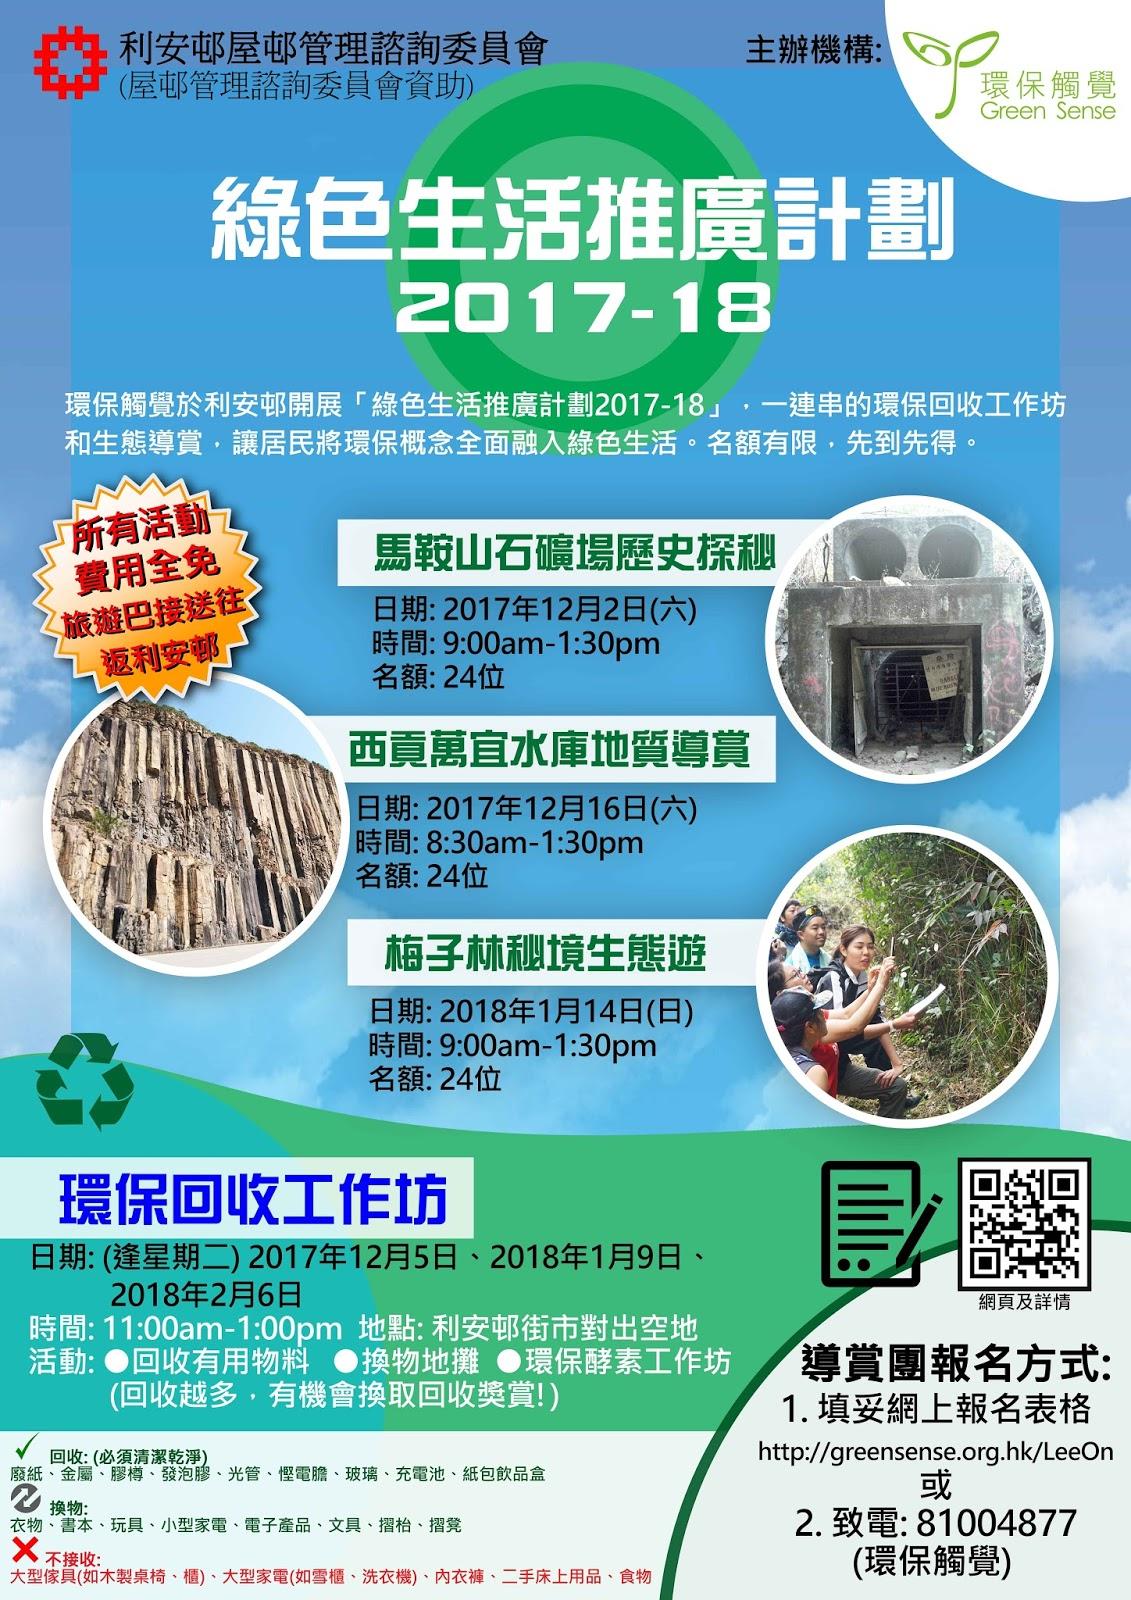 過往活動:利安邨綠色生活推廣計劃2017-18